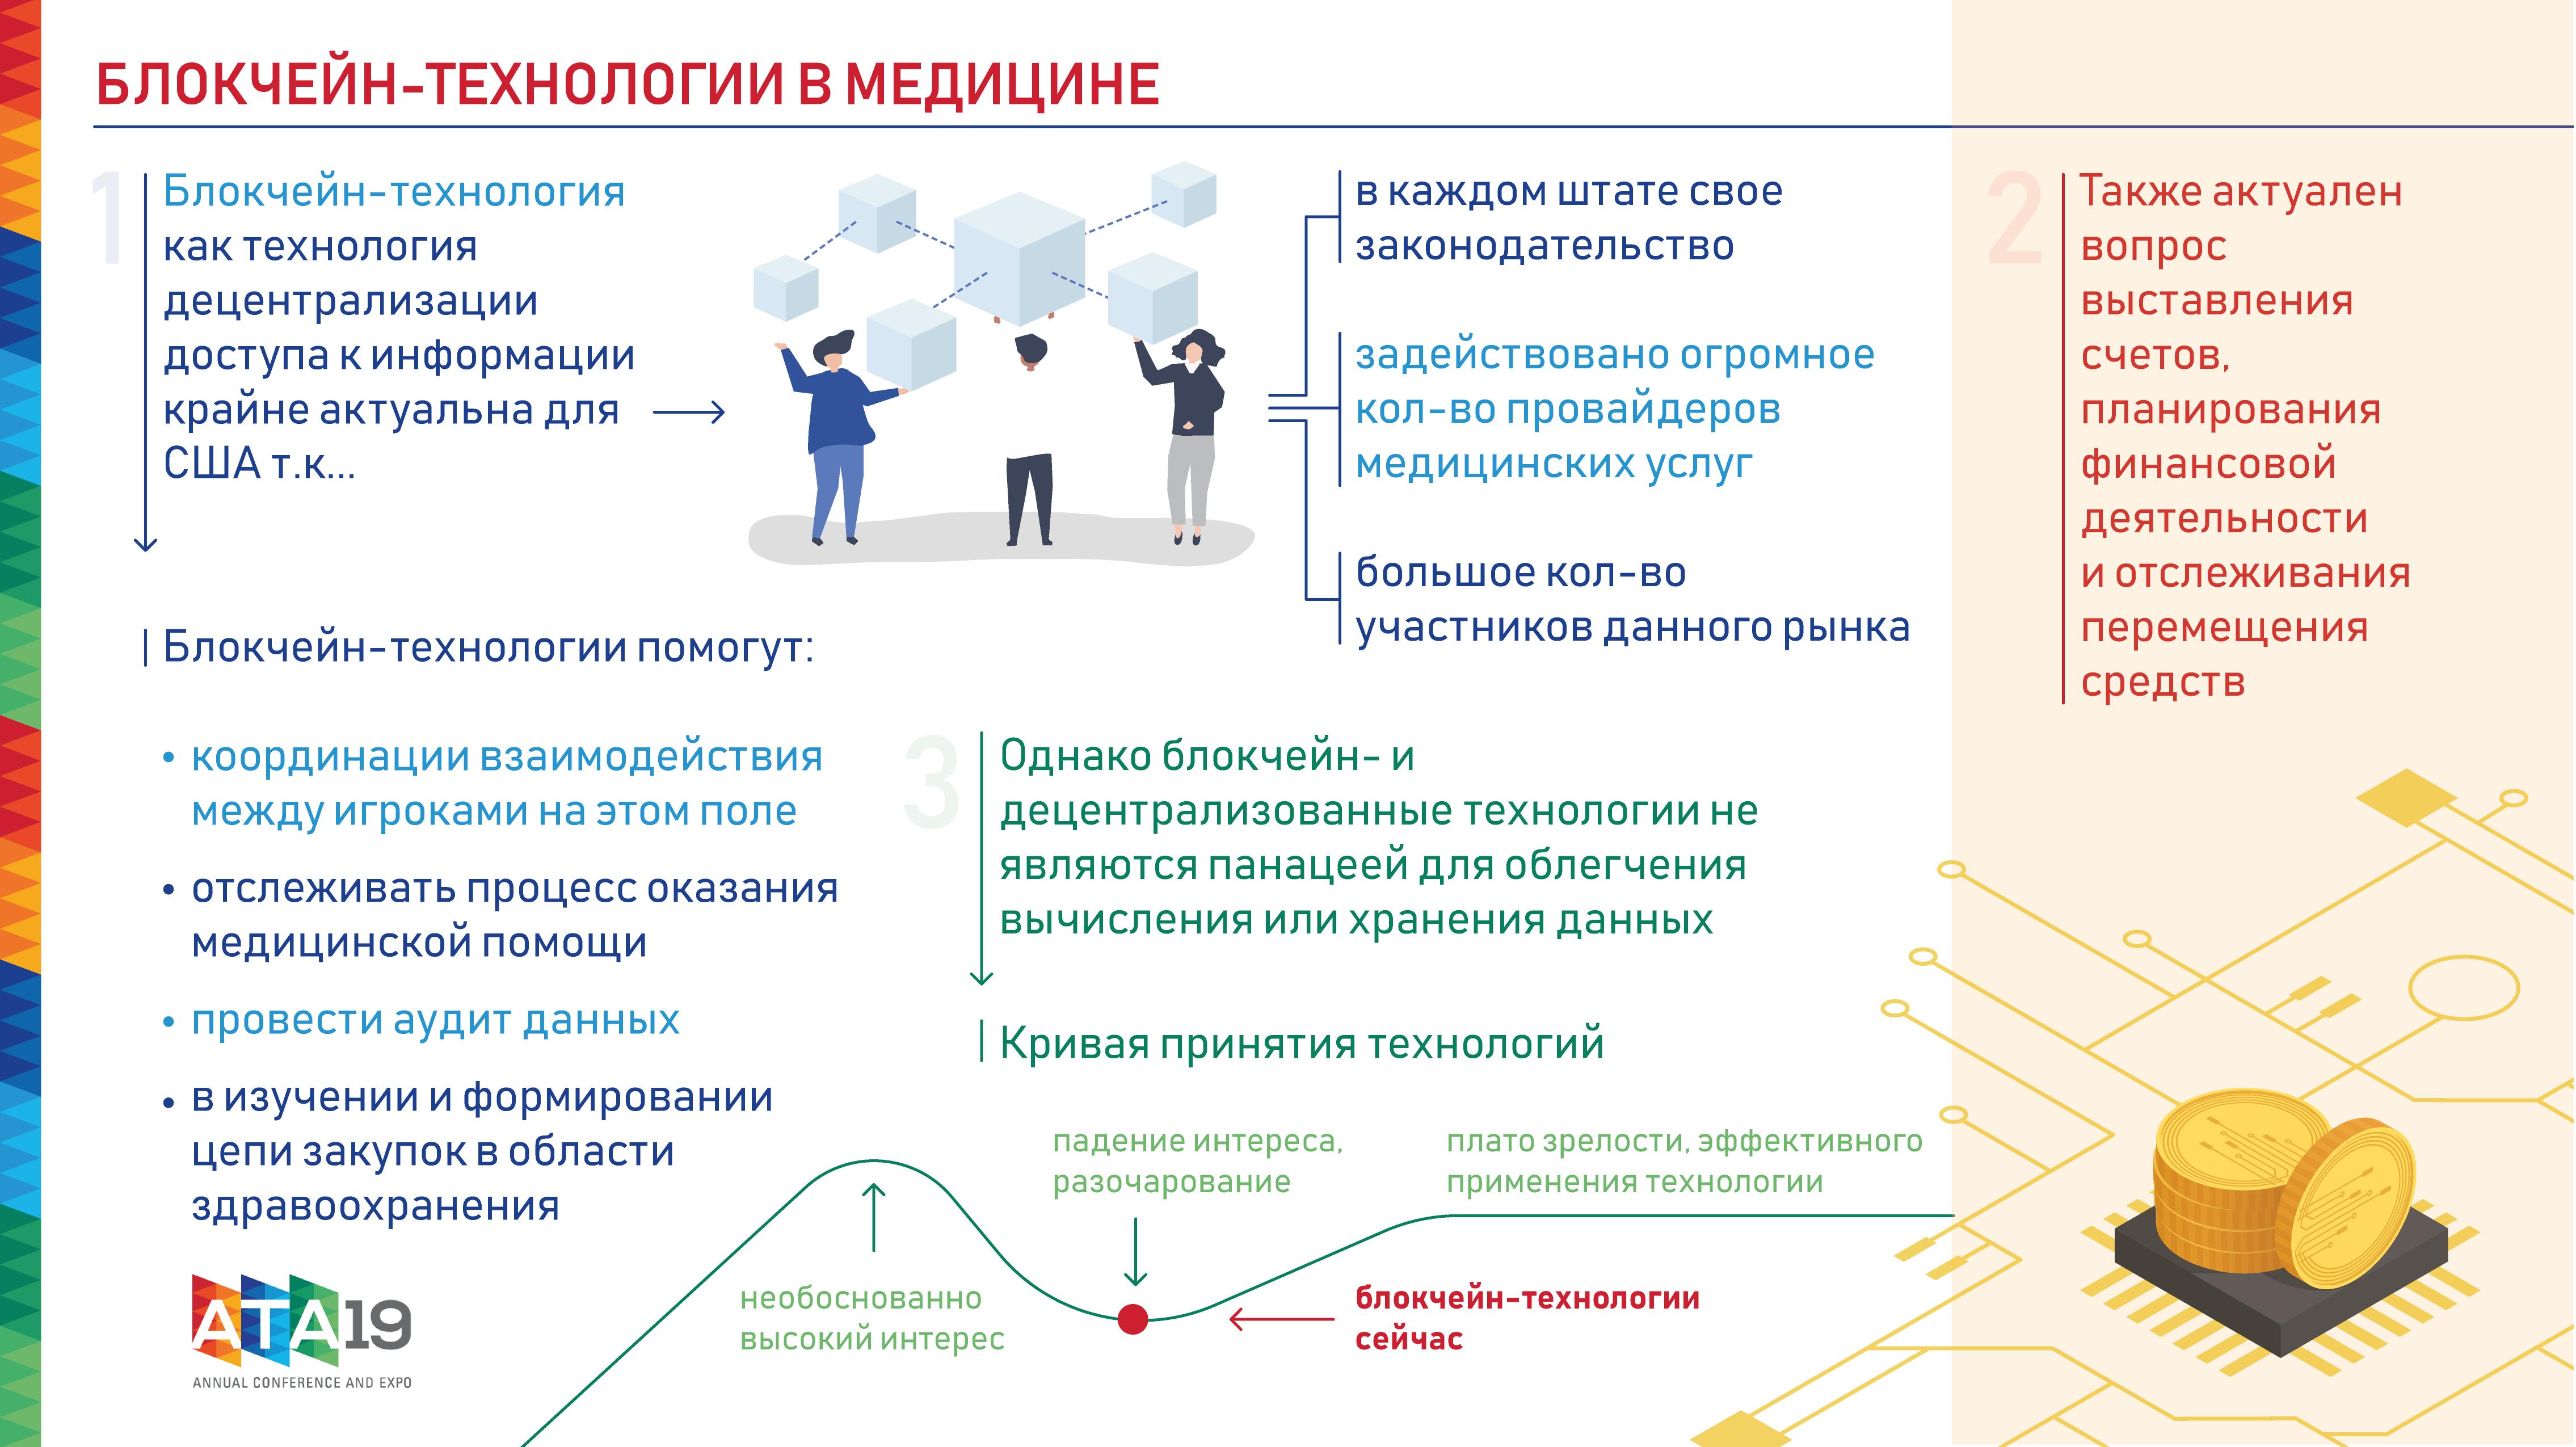 Блокчейн-технологии в медицине, Инфографика